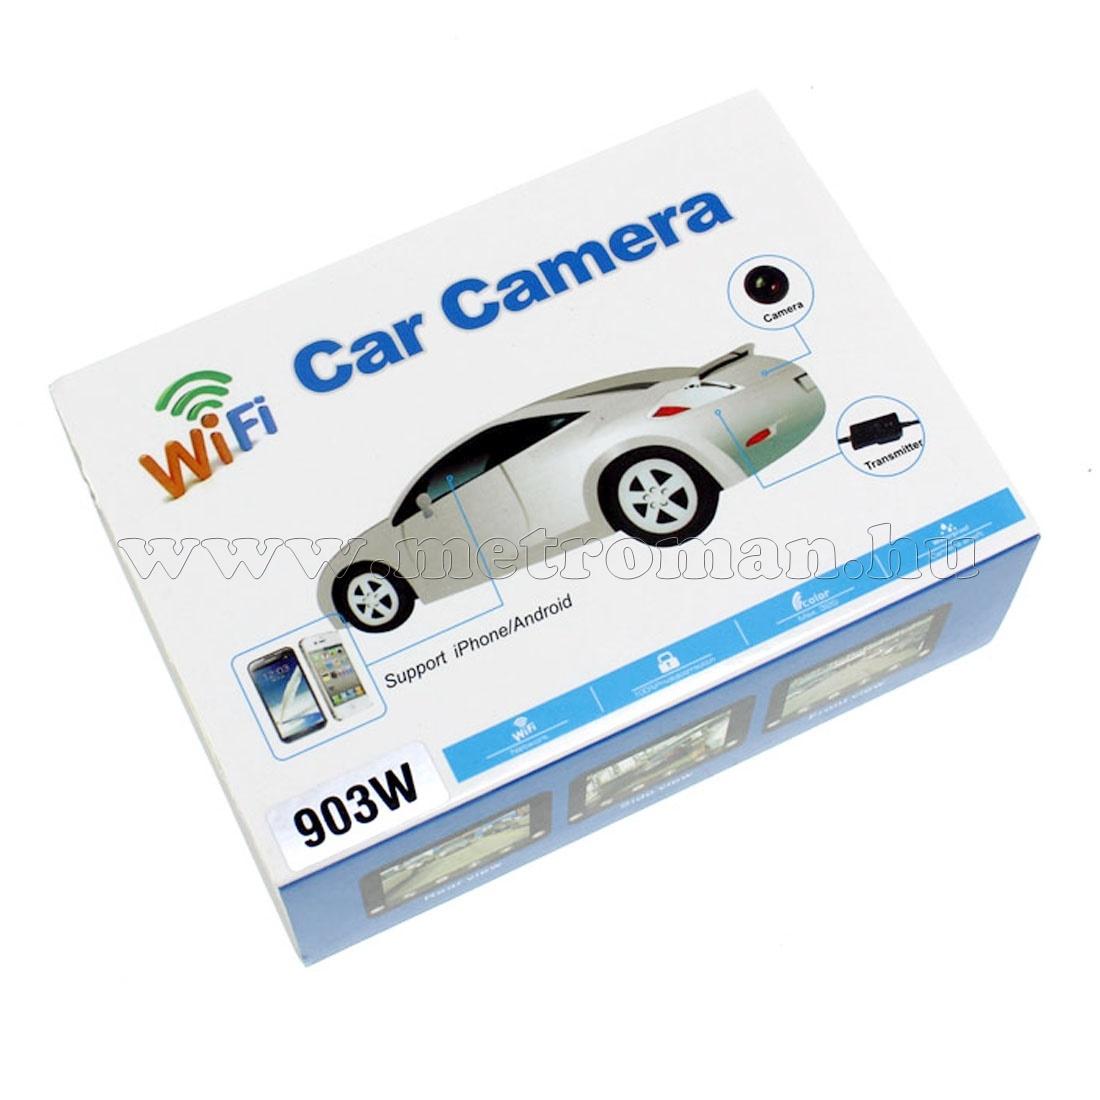 Vezeték nélküli Wifi Kamera, Tolatókamera jeltovábbító mobiltelefonhoz, Mlogic MM903W